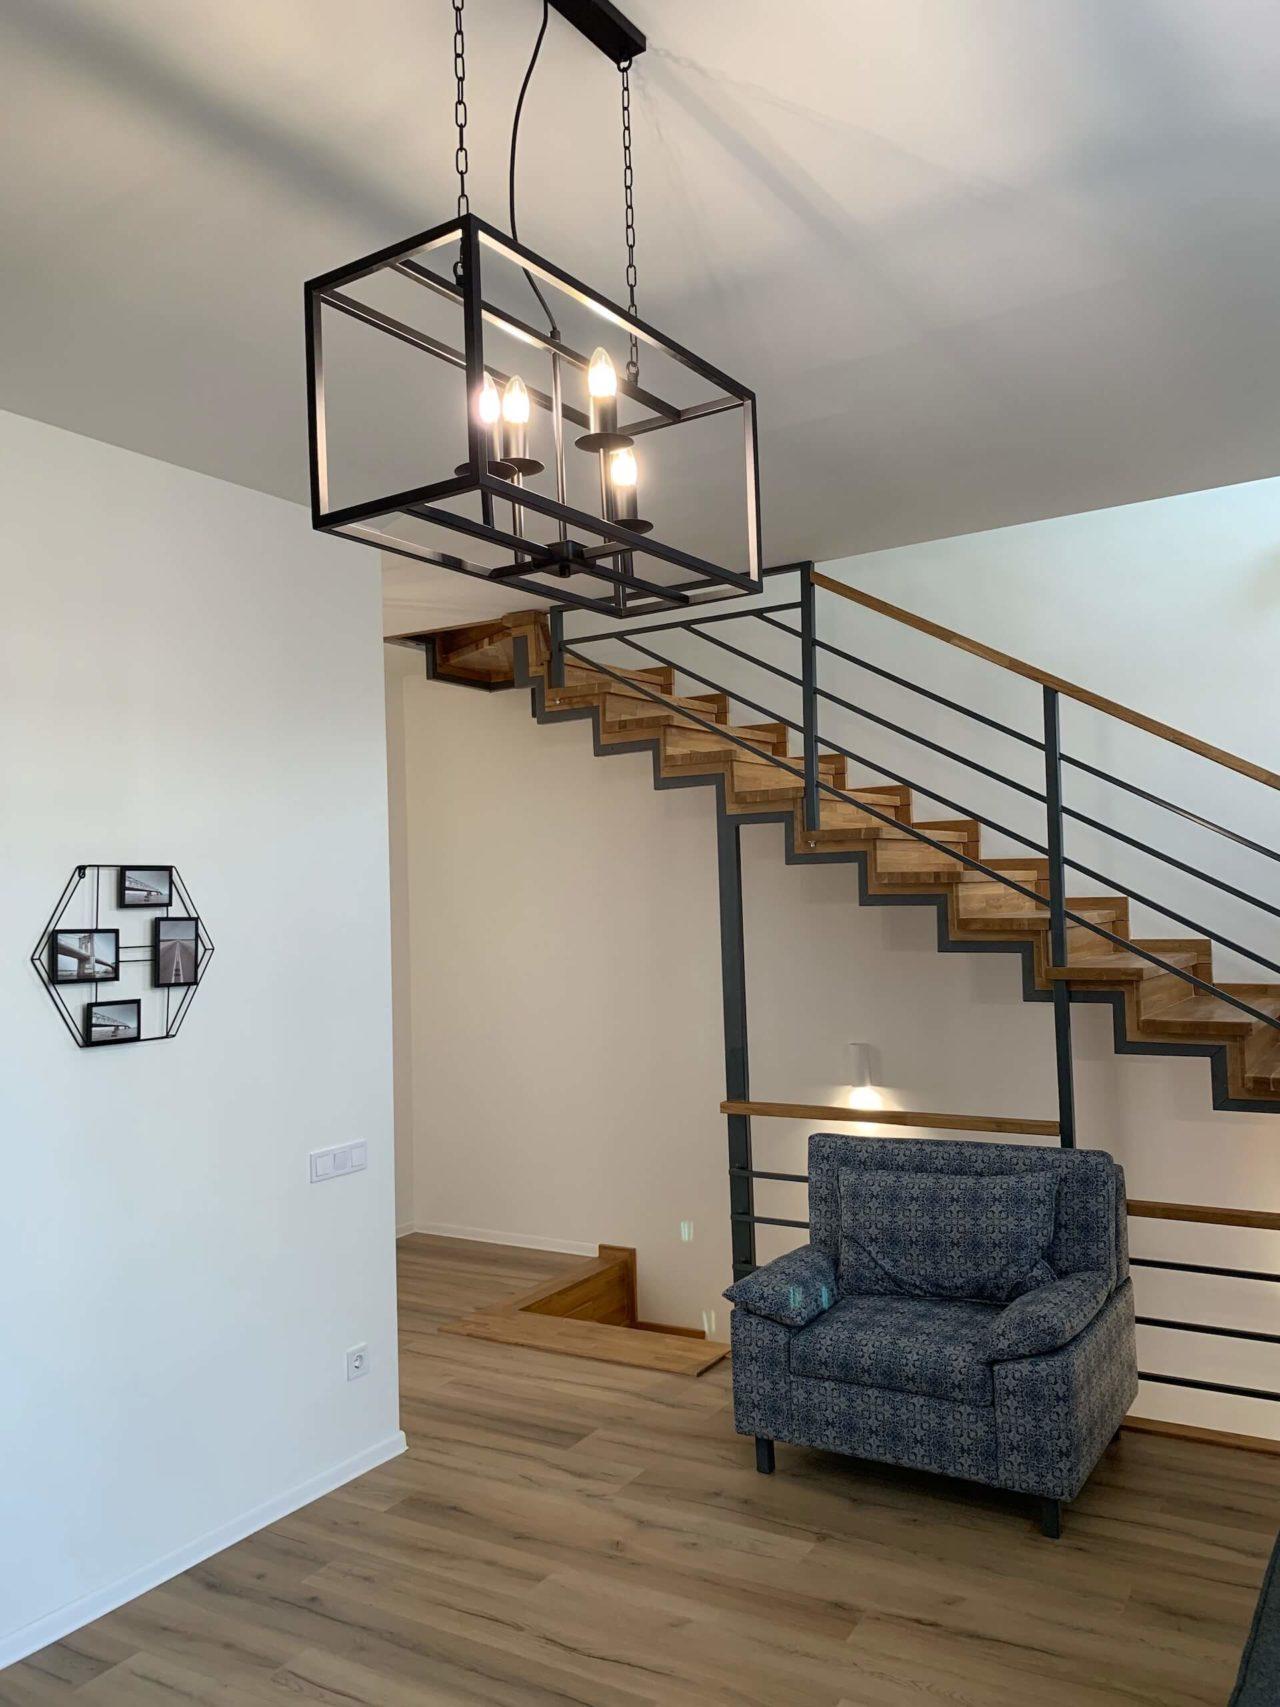 Дизайн проект таунхауса 120 кв.м., Львов | фото 8